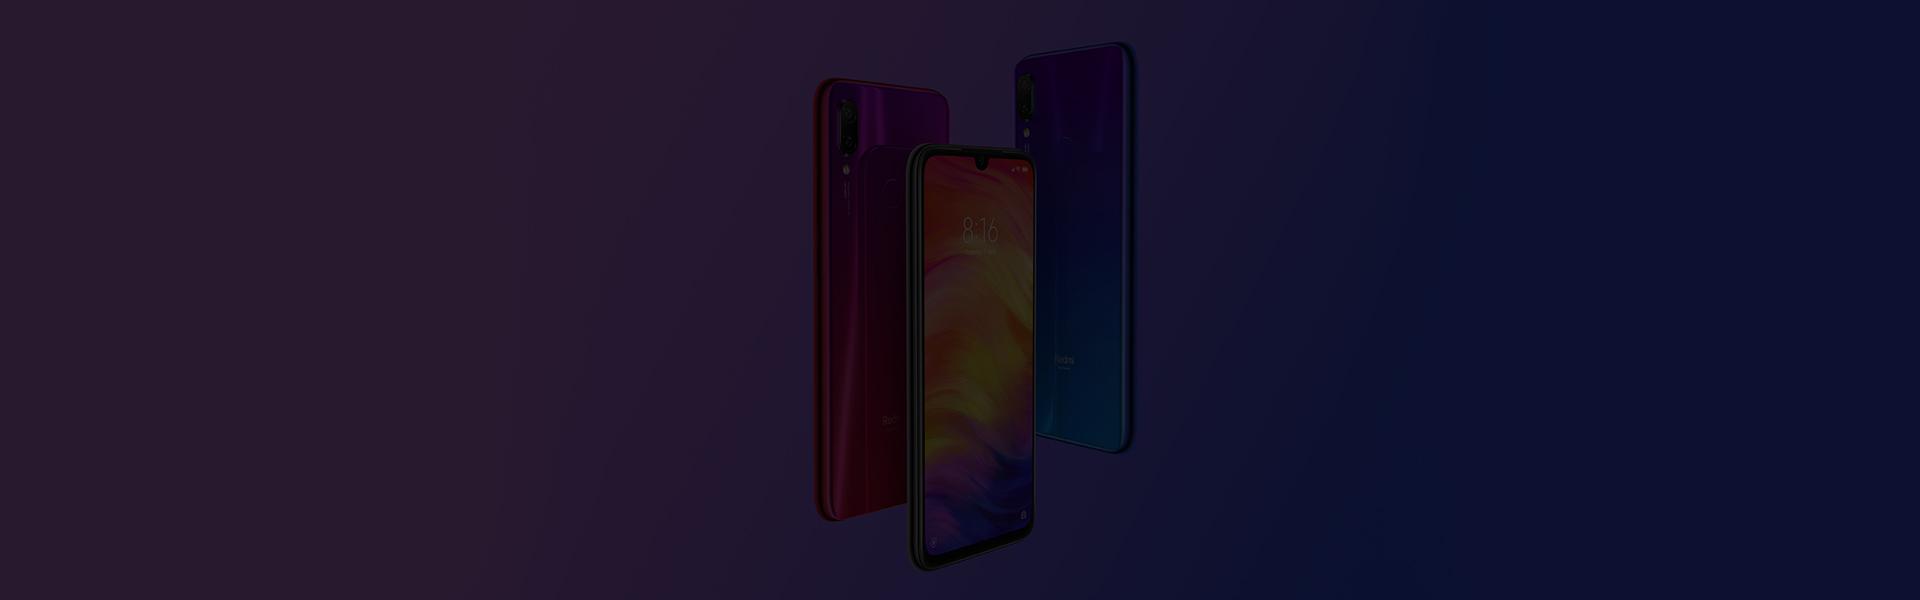 Xiaomi Redmi Note 7 chính h?ng, r? ràng nó là ?i?n tho?i qu?c dan c?a 2019!